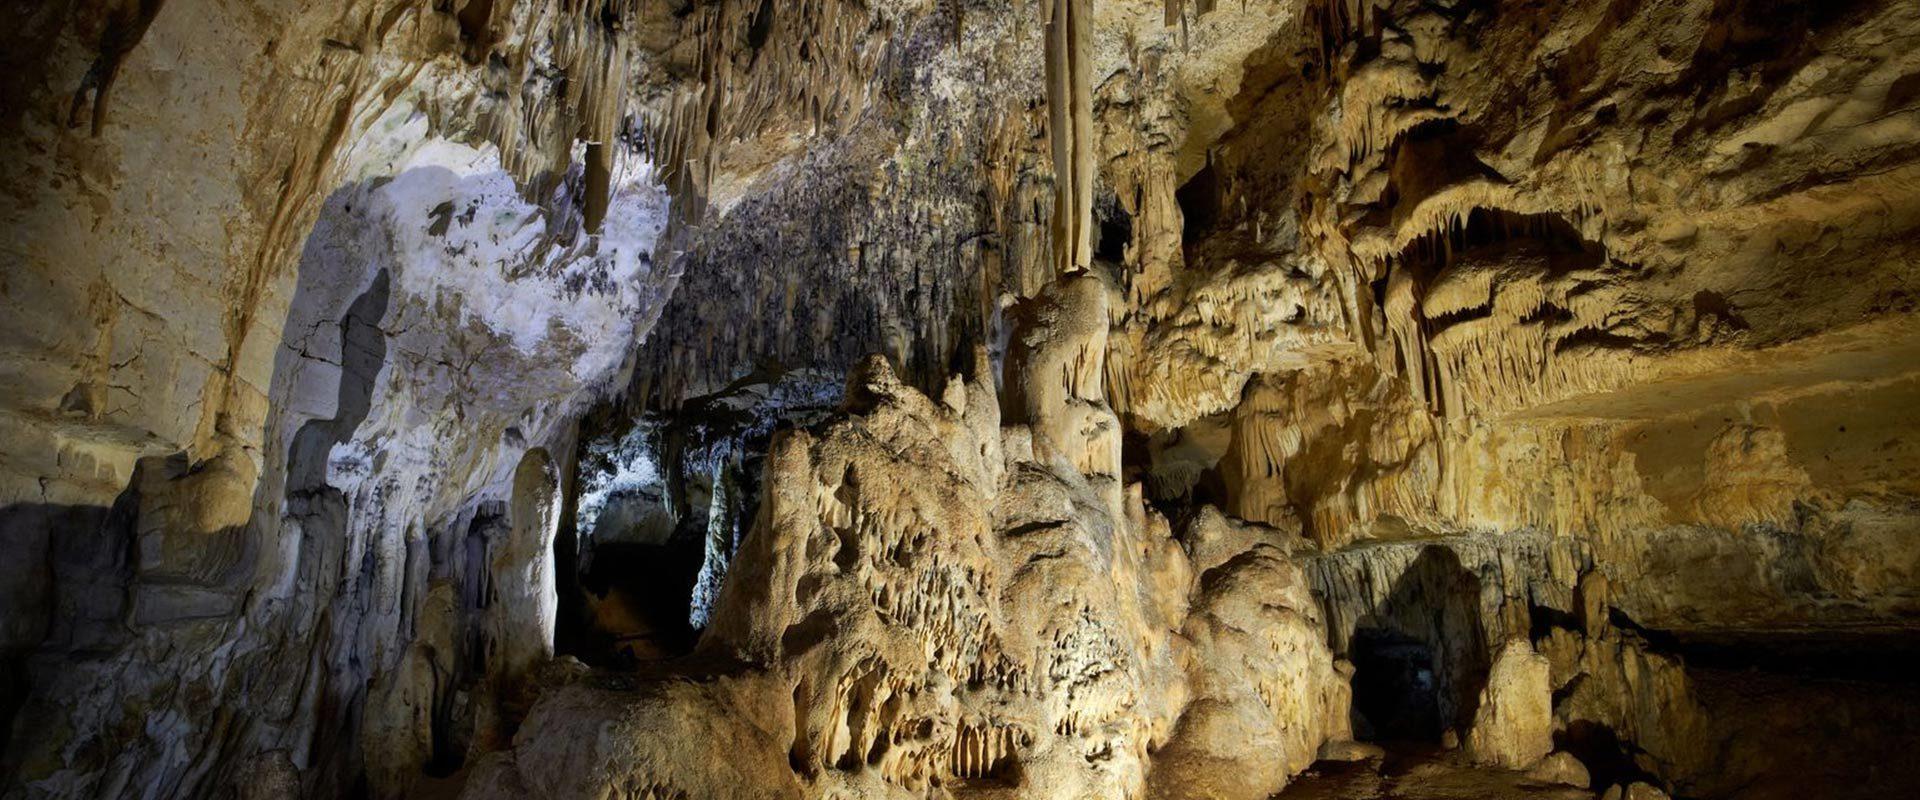 Grottes d'Arcy sur Cure (à 19 km de Vézelay)